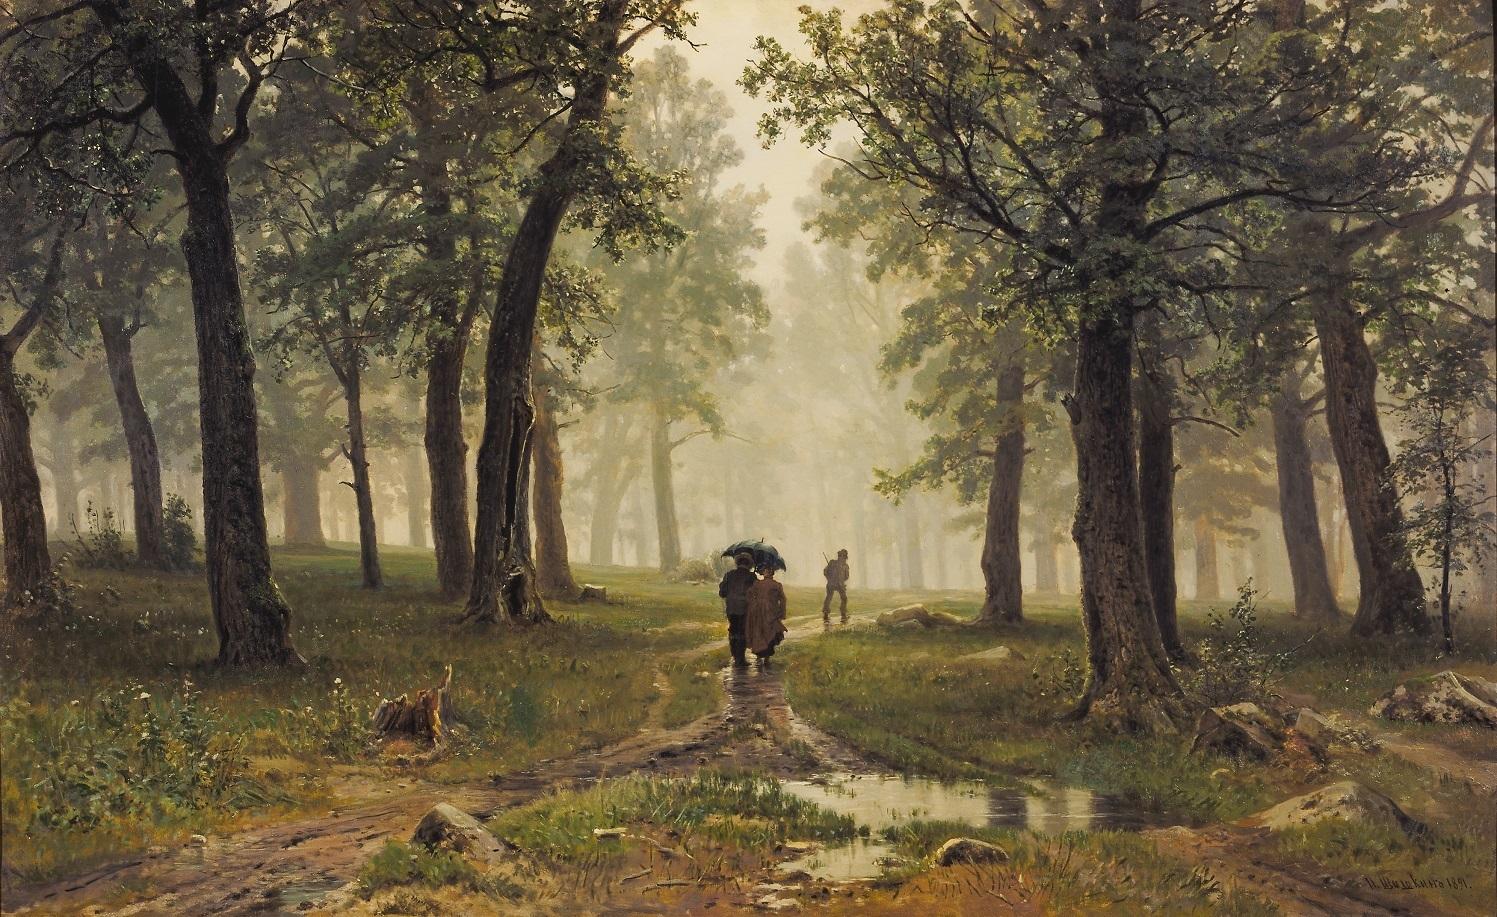 イワン・シーシキン 《雨の樫林》 1891年 油彩・キャンヴァス (C) The State Tretyakov Gallery